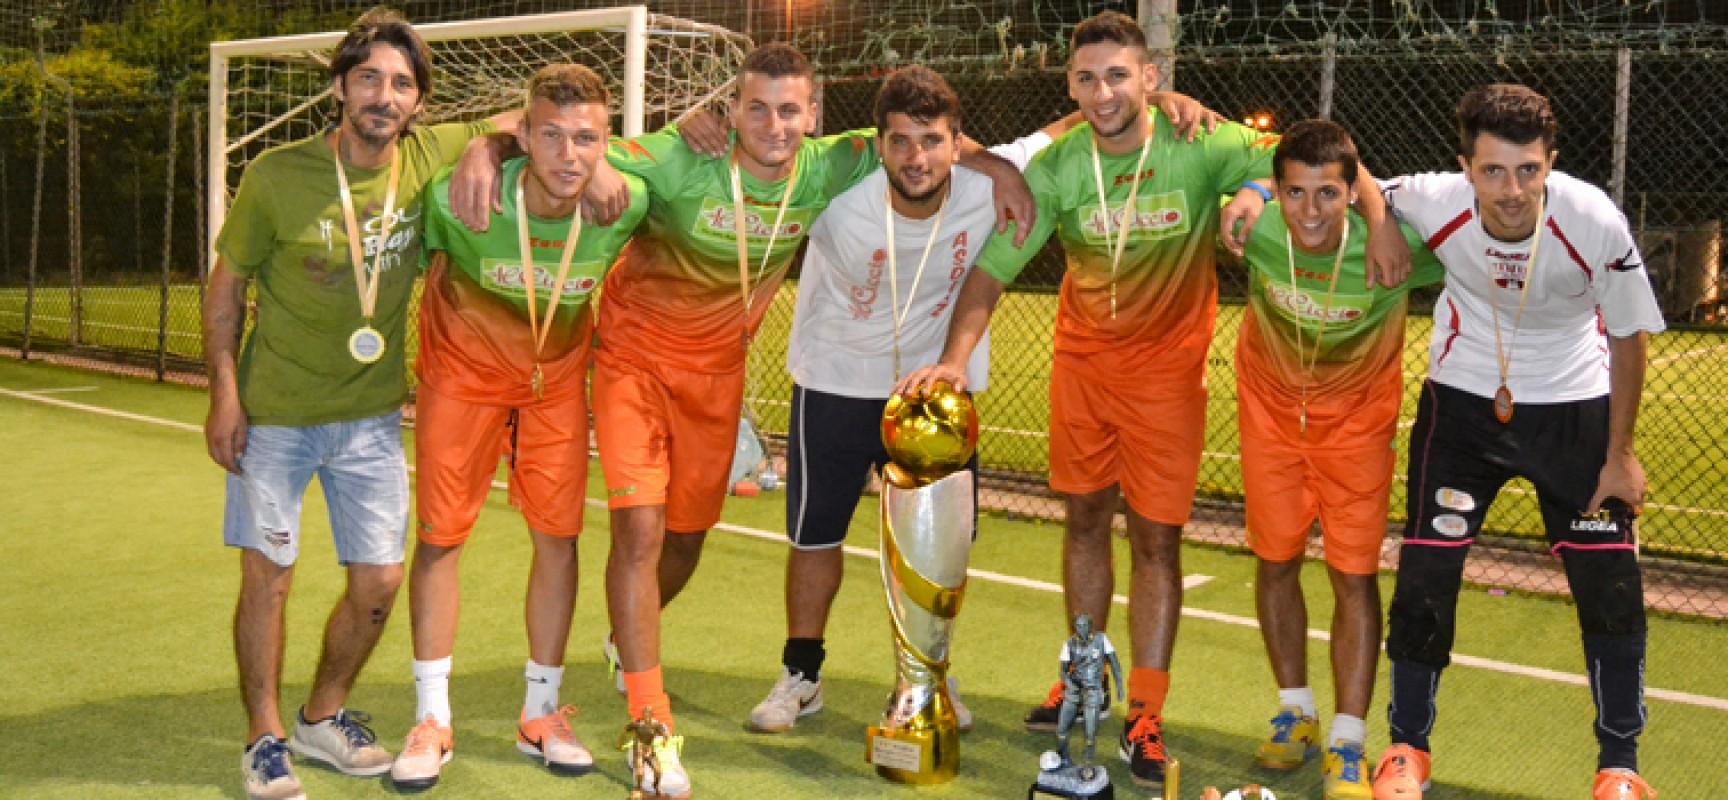 Calcio a 5: parte questa sera il 12° Trofeo Bisceglie 15 Giorni